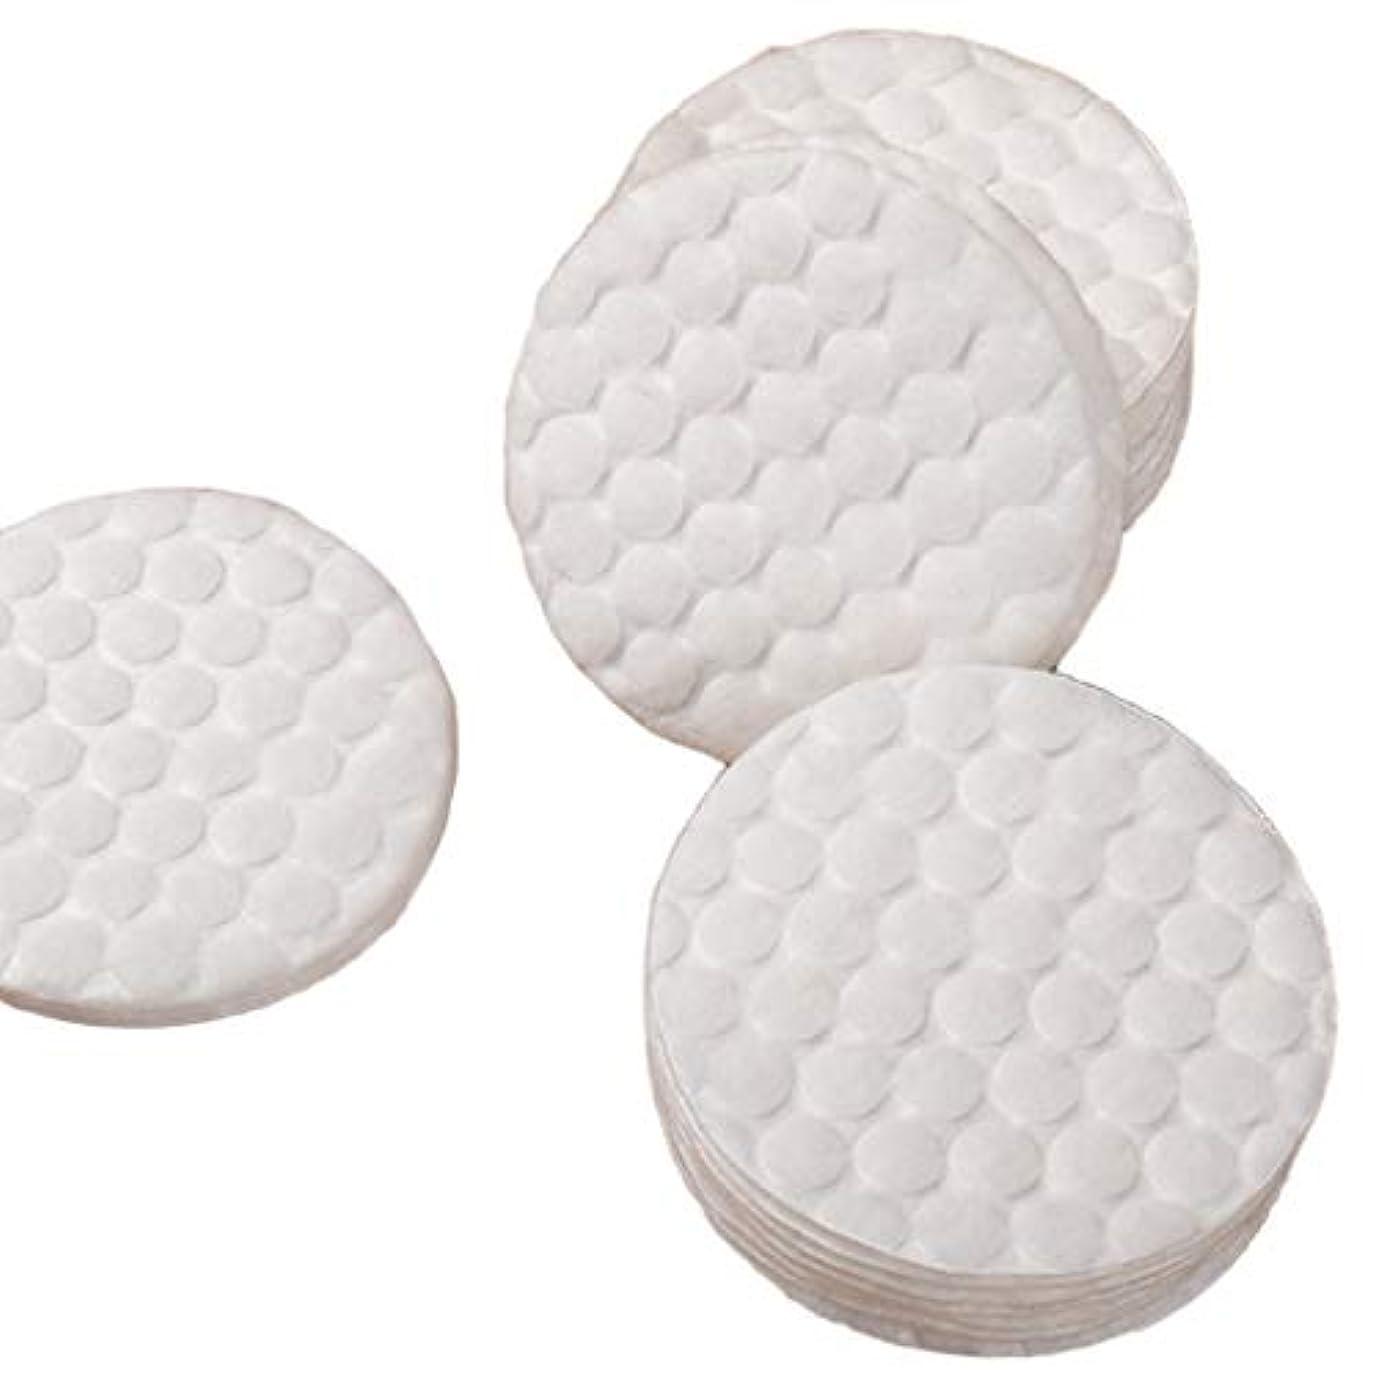 本体ハンマーの間でクレンジングシート 60個/バッグメイク落としコットンパッド洗えるワイプクレンジングオイルスキンケアフェイシャルケアメイクアップ化粧品ワイプ (Color : White)